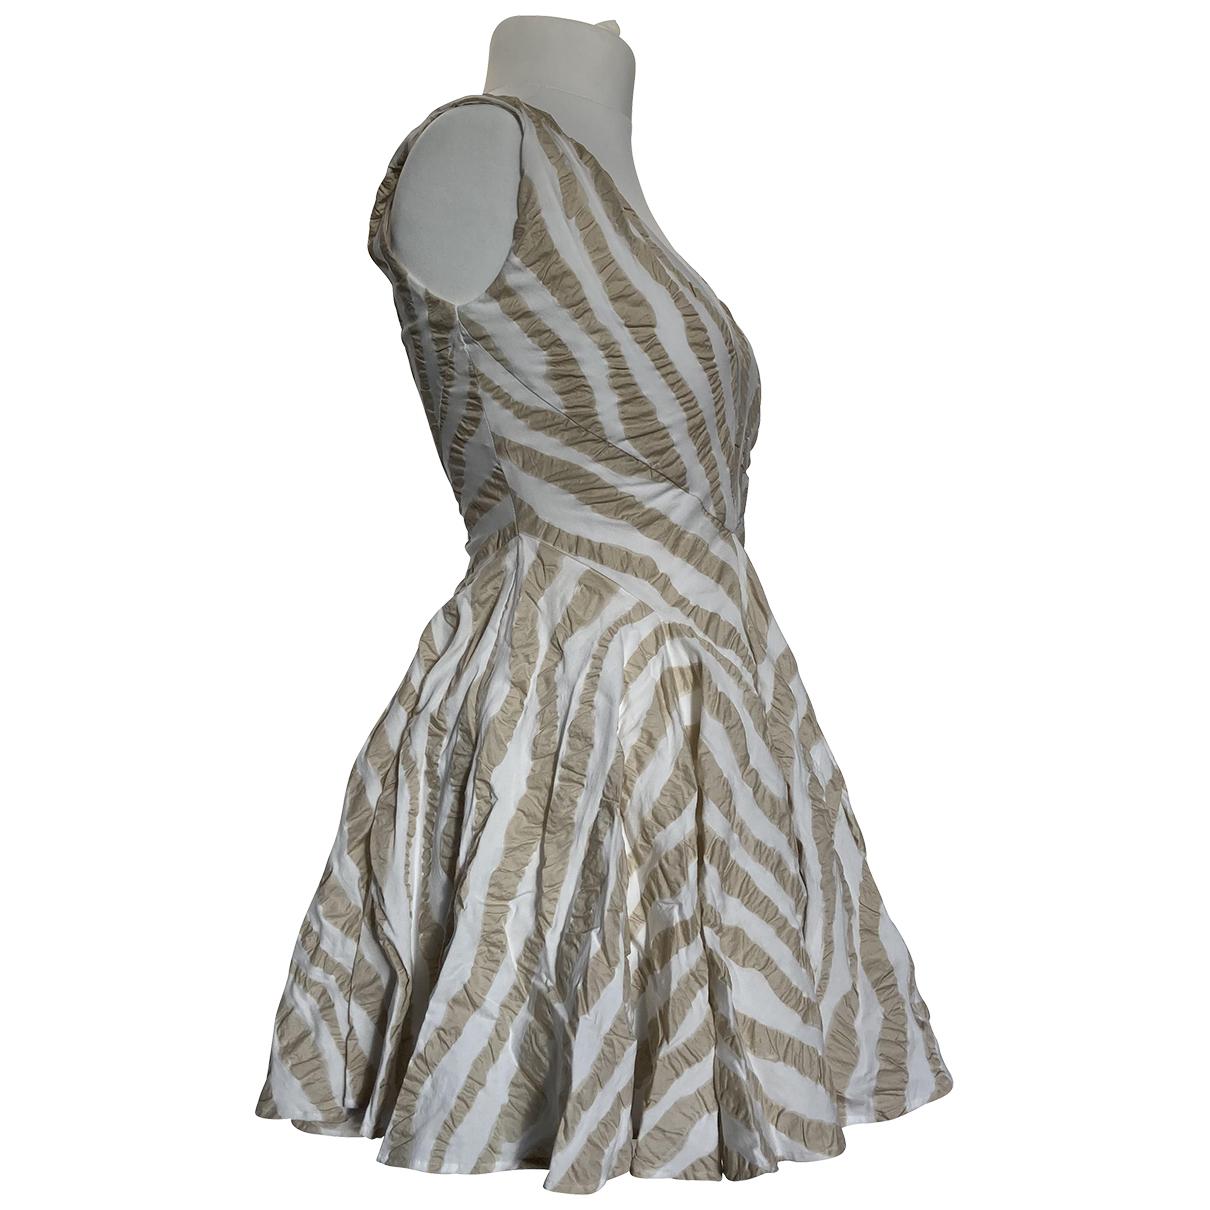 Plein Sud \N Kleid in  Beige Baumwolle